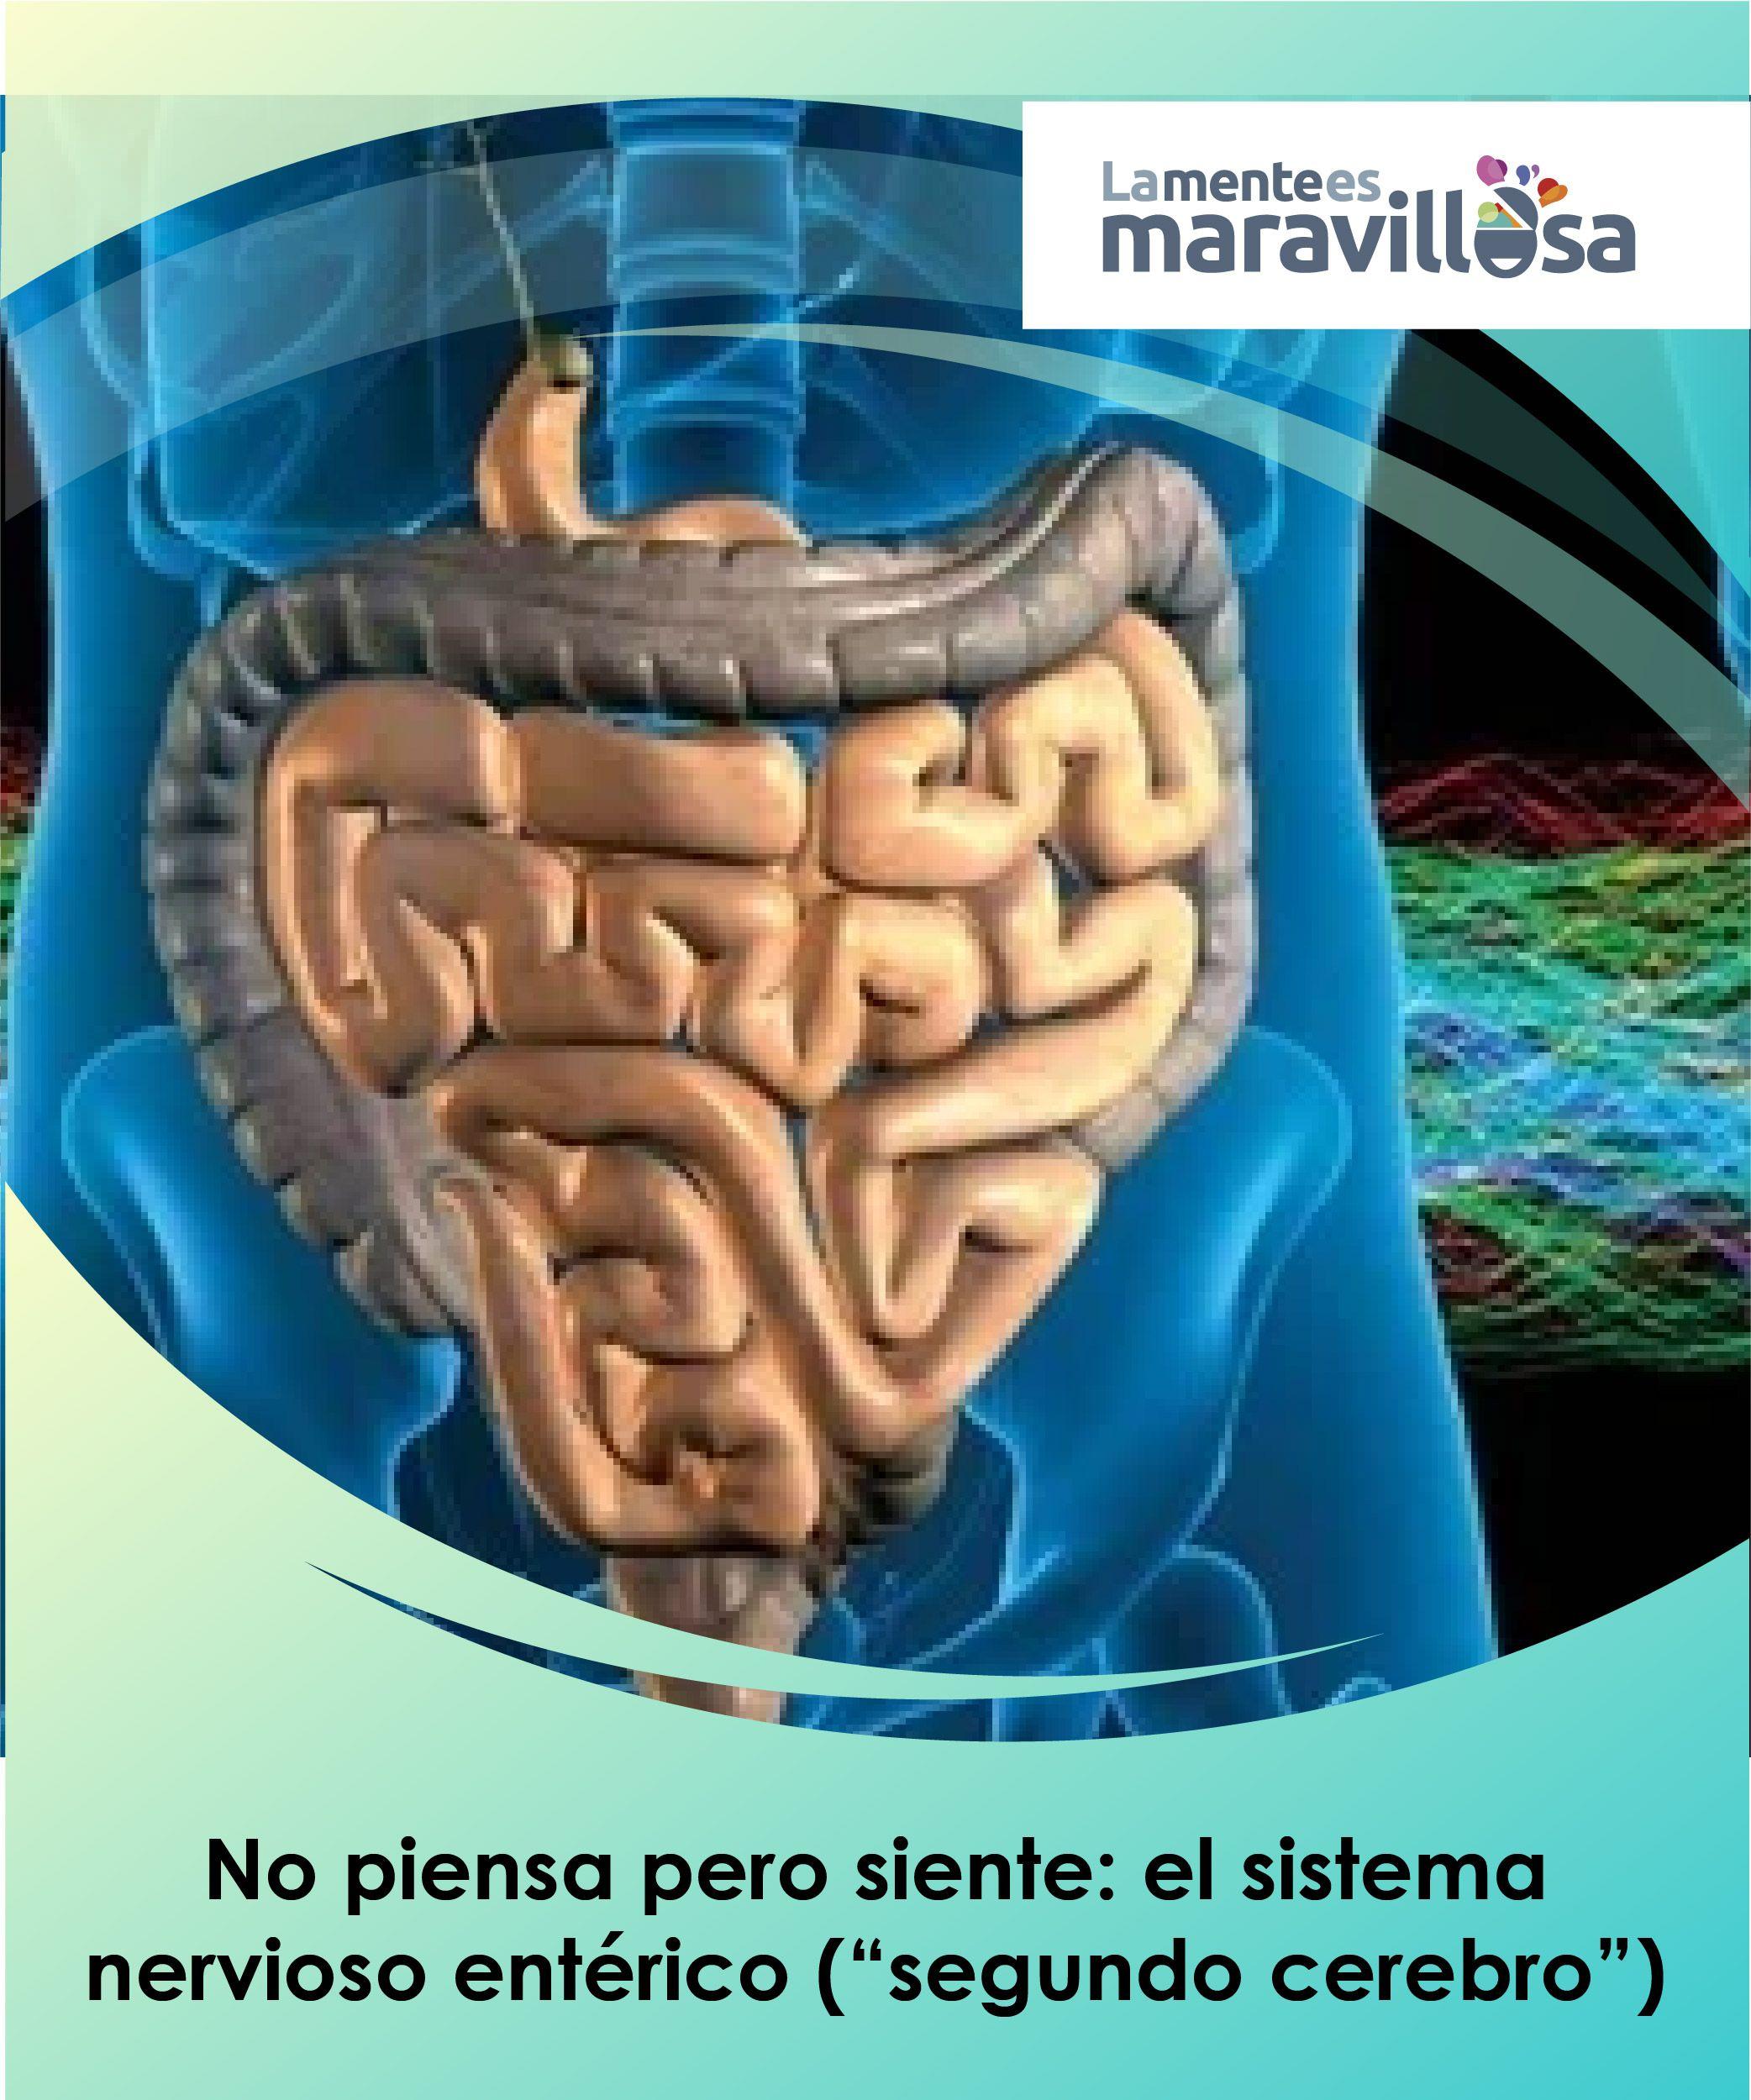 """Al #sistema #nervioso #entérico se le considera a menudo como nuestro """"# segundo #cerebro"""". En él se extiende una compleja red de más de cien  millones de ..."""